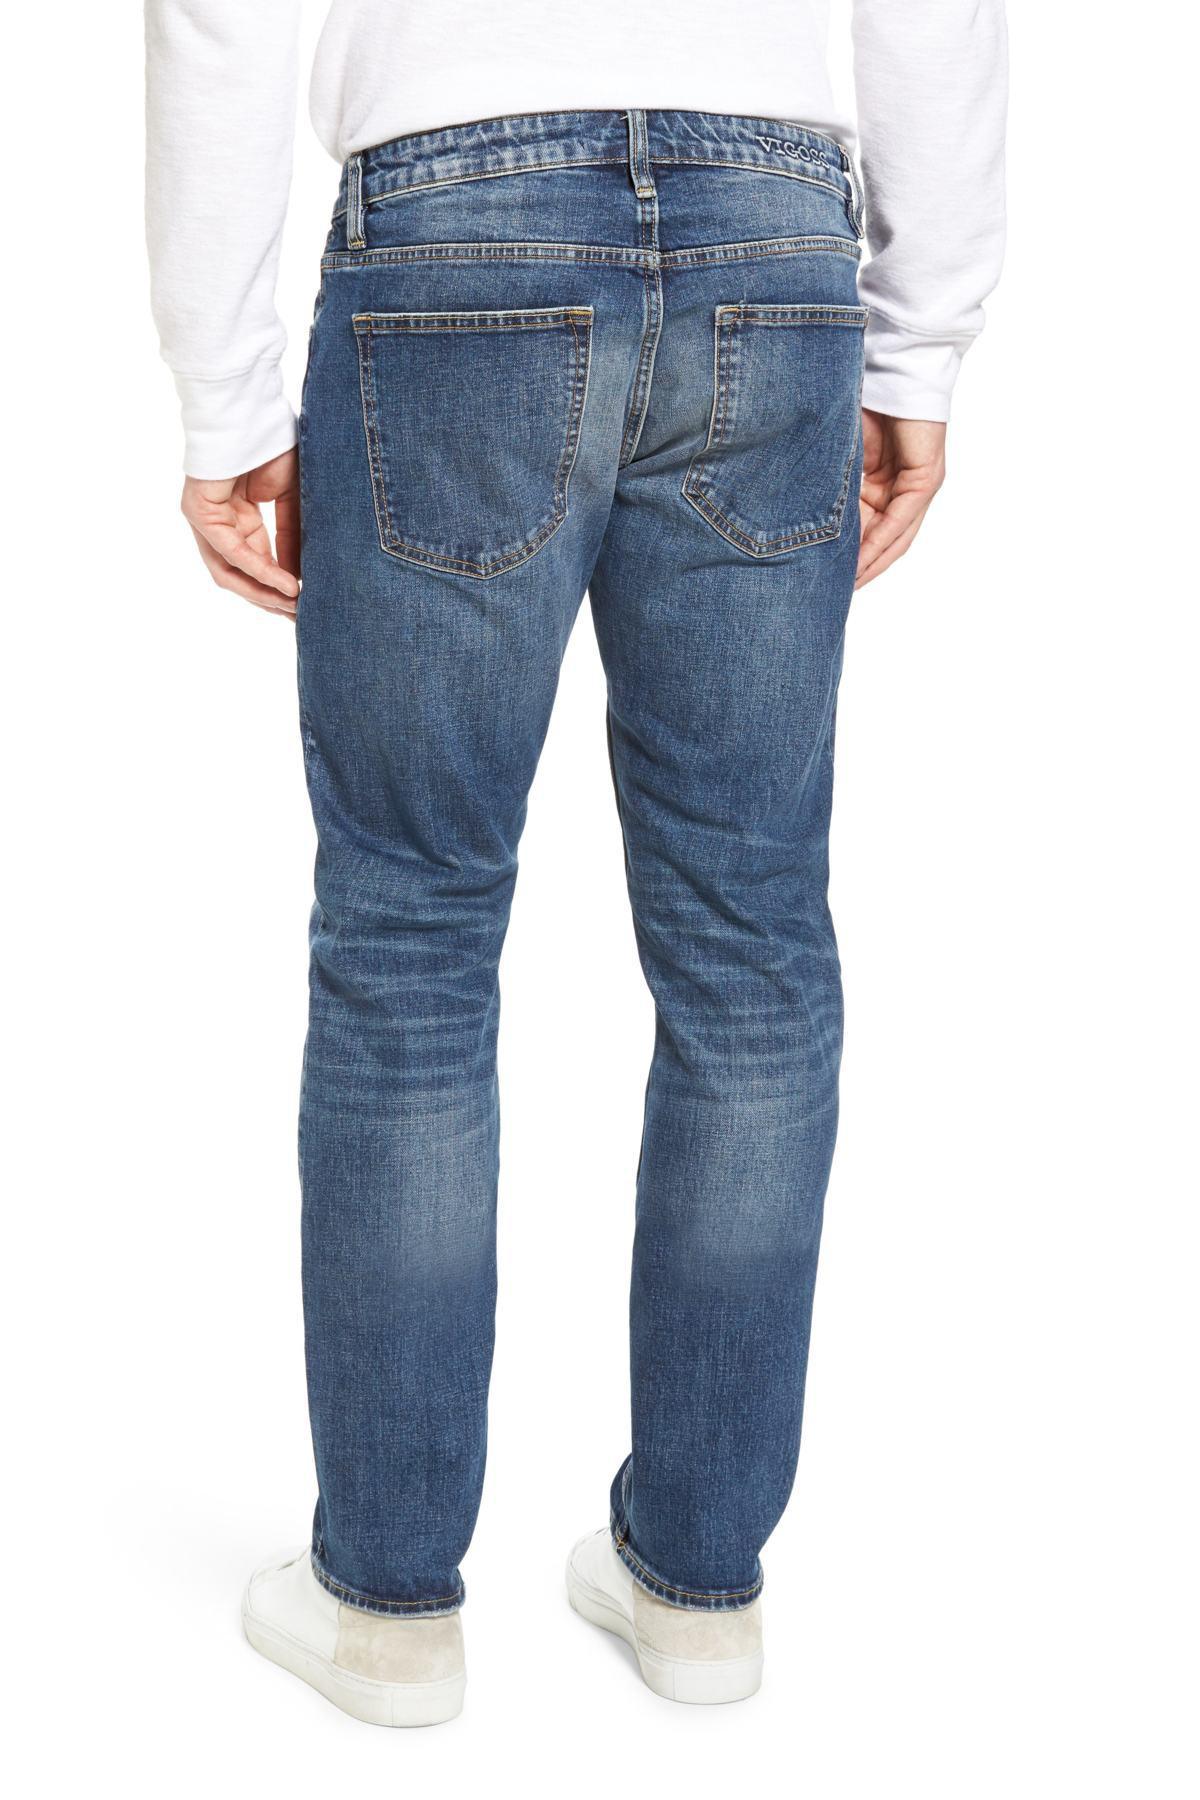 178d43f3ae0 Vigoss - Blue Slim Straight Leg Jeans for Men - Lyst. View fullscreen